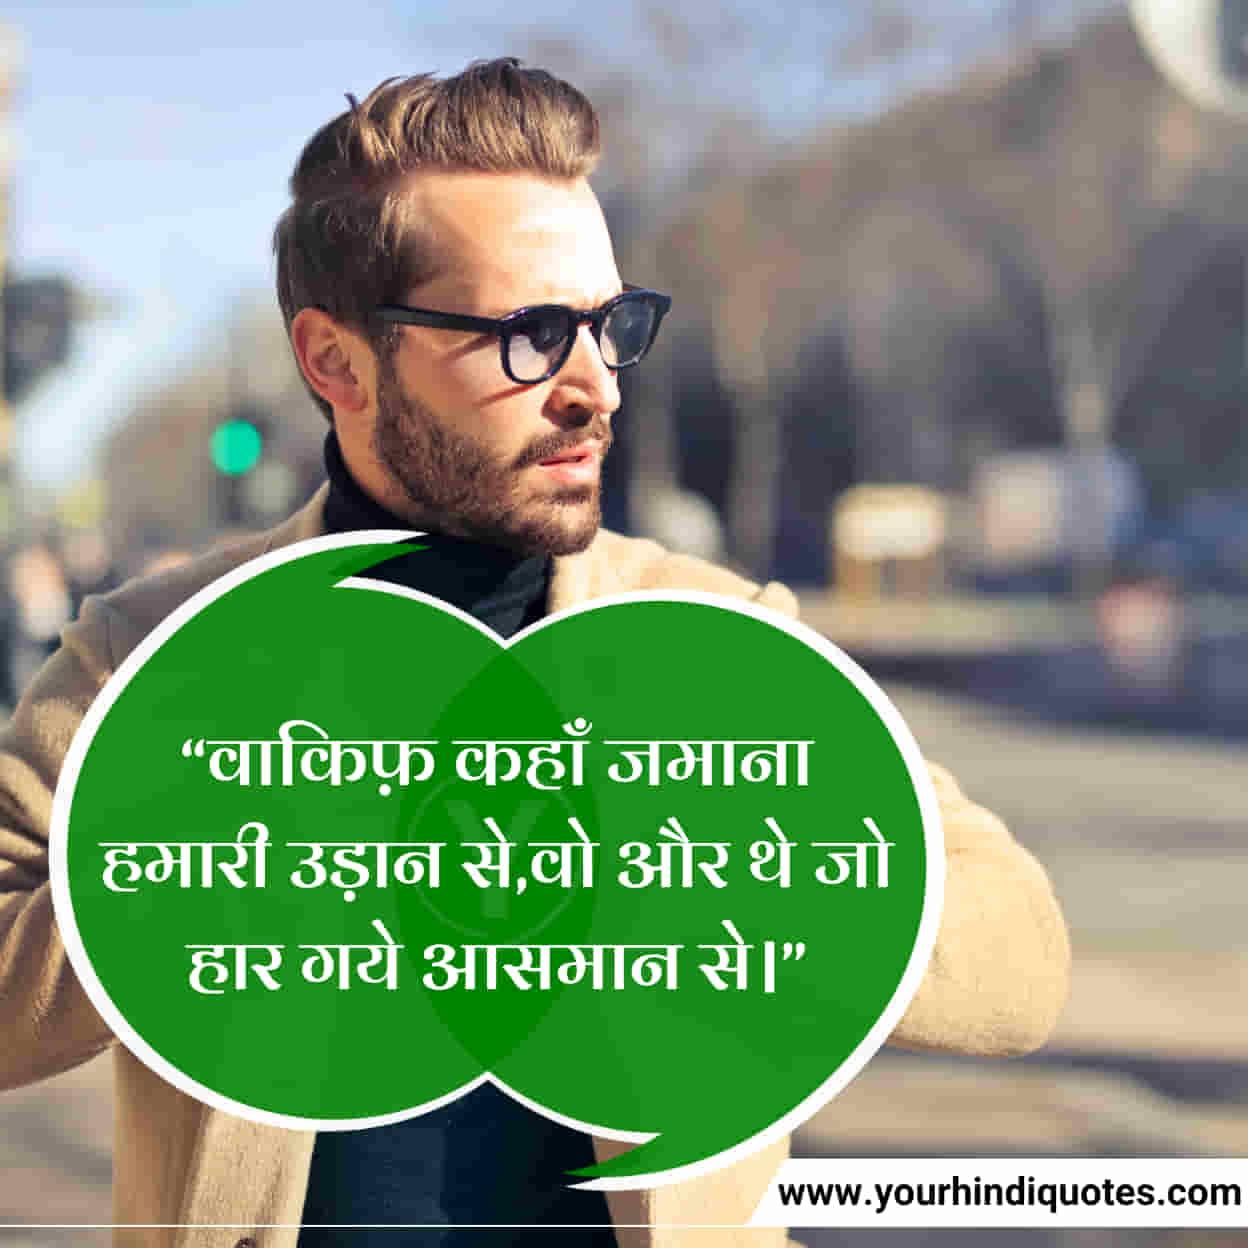 Best Motivational Shayari for Whatsapp Status